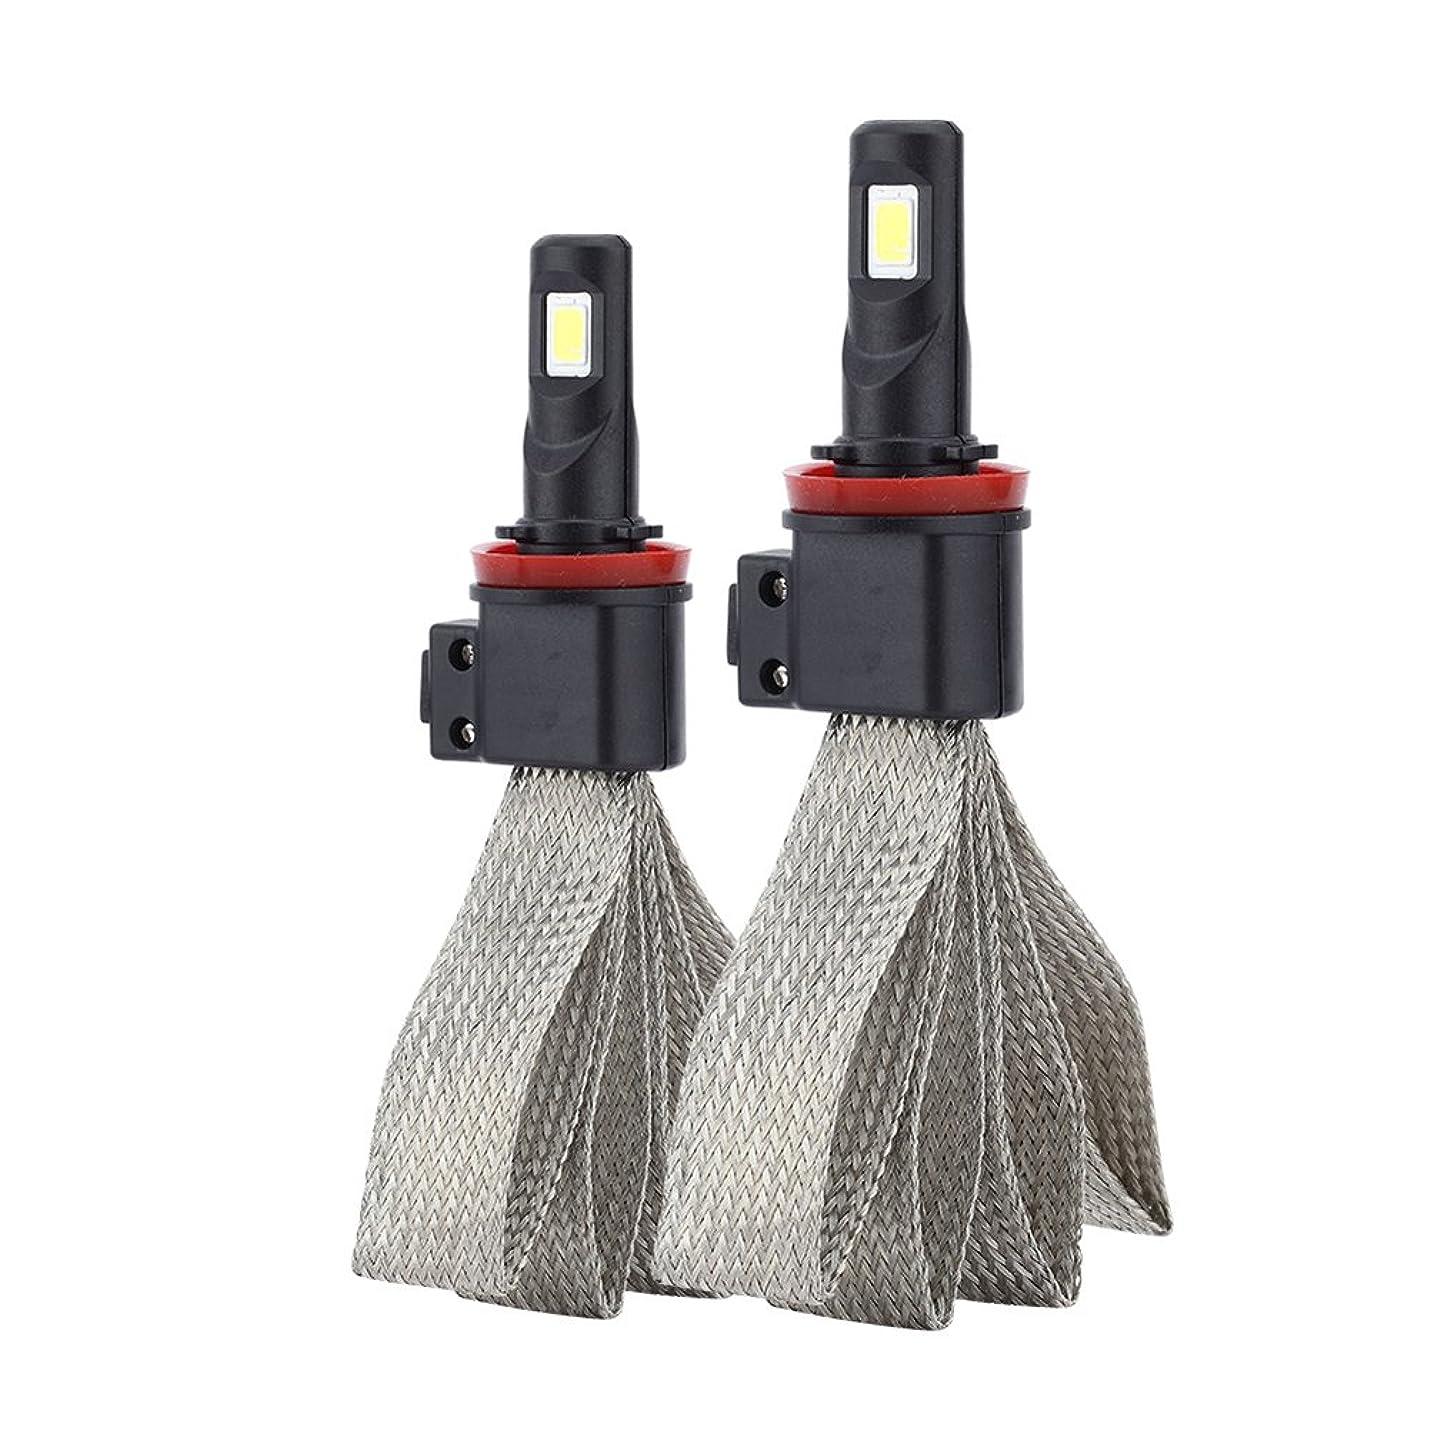 ほぼ幸福誠実さLiebeye LEDヘッドライト H8/H9/H11 S7 車用 電球 交換 信号 照明 ユニバーサルアプリケーション 2個セット